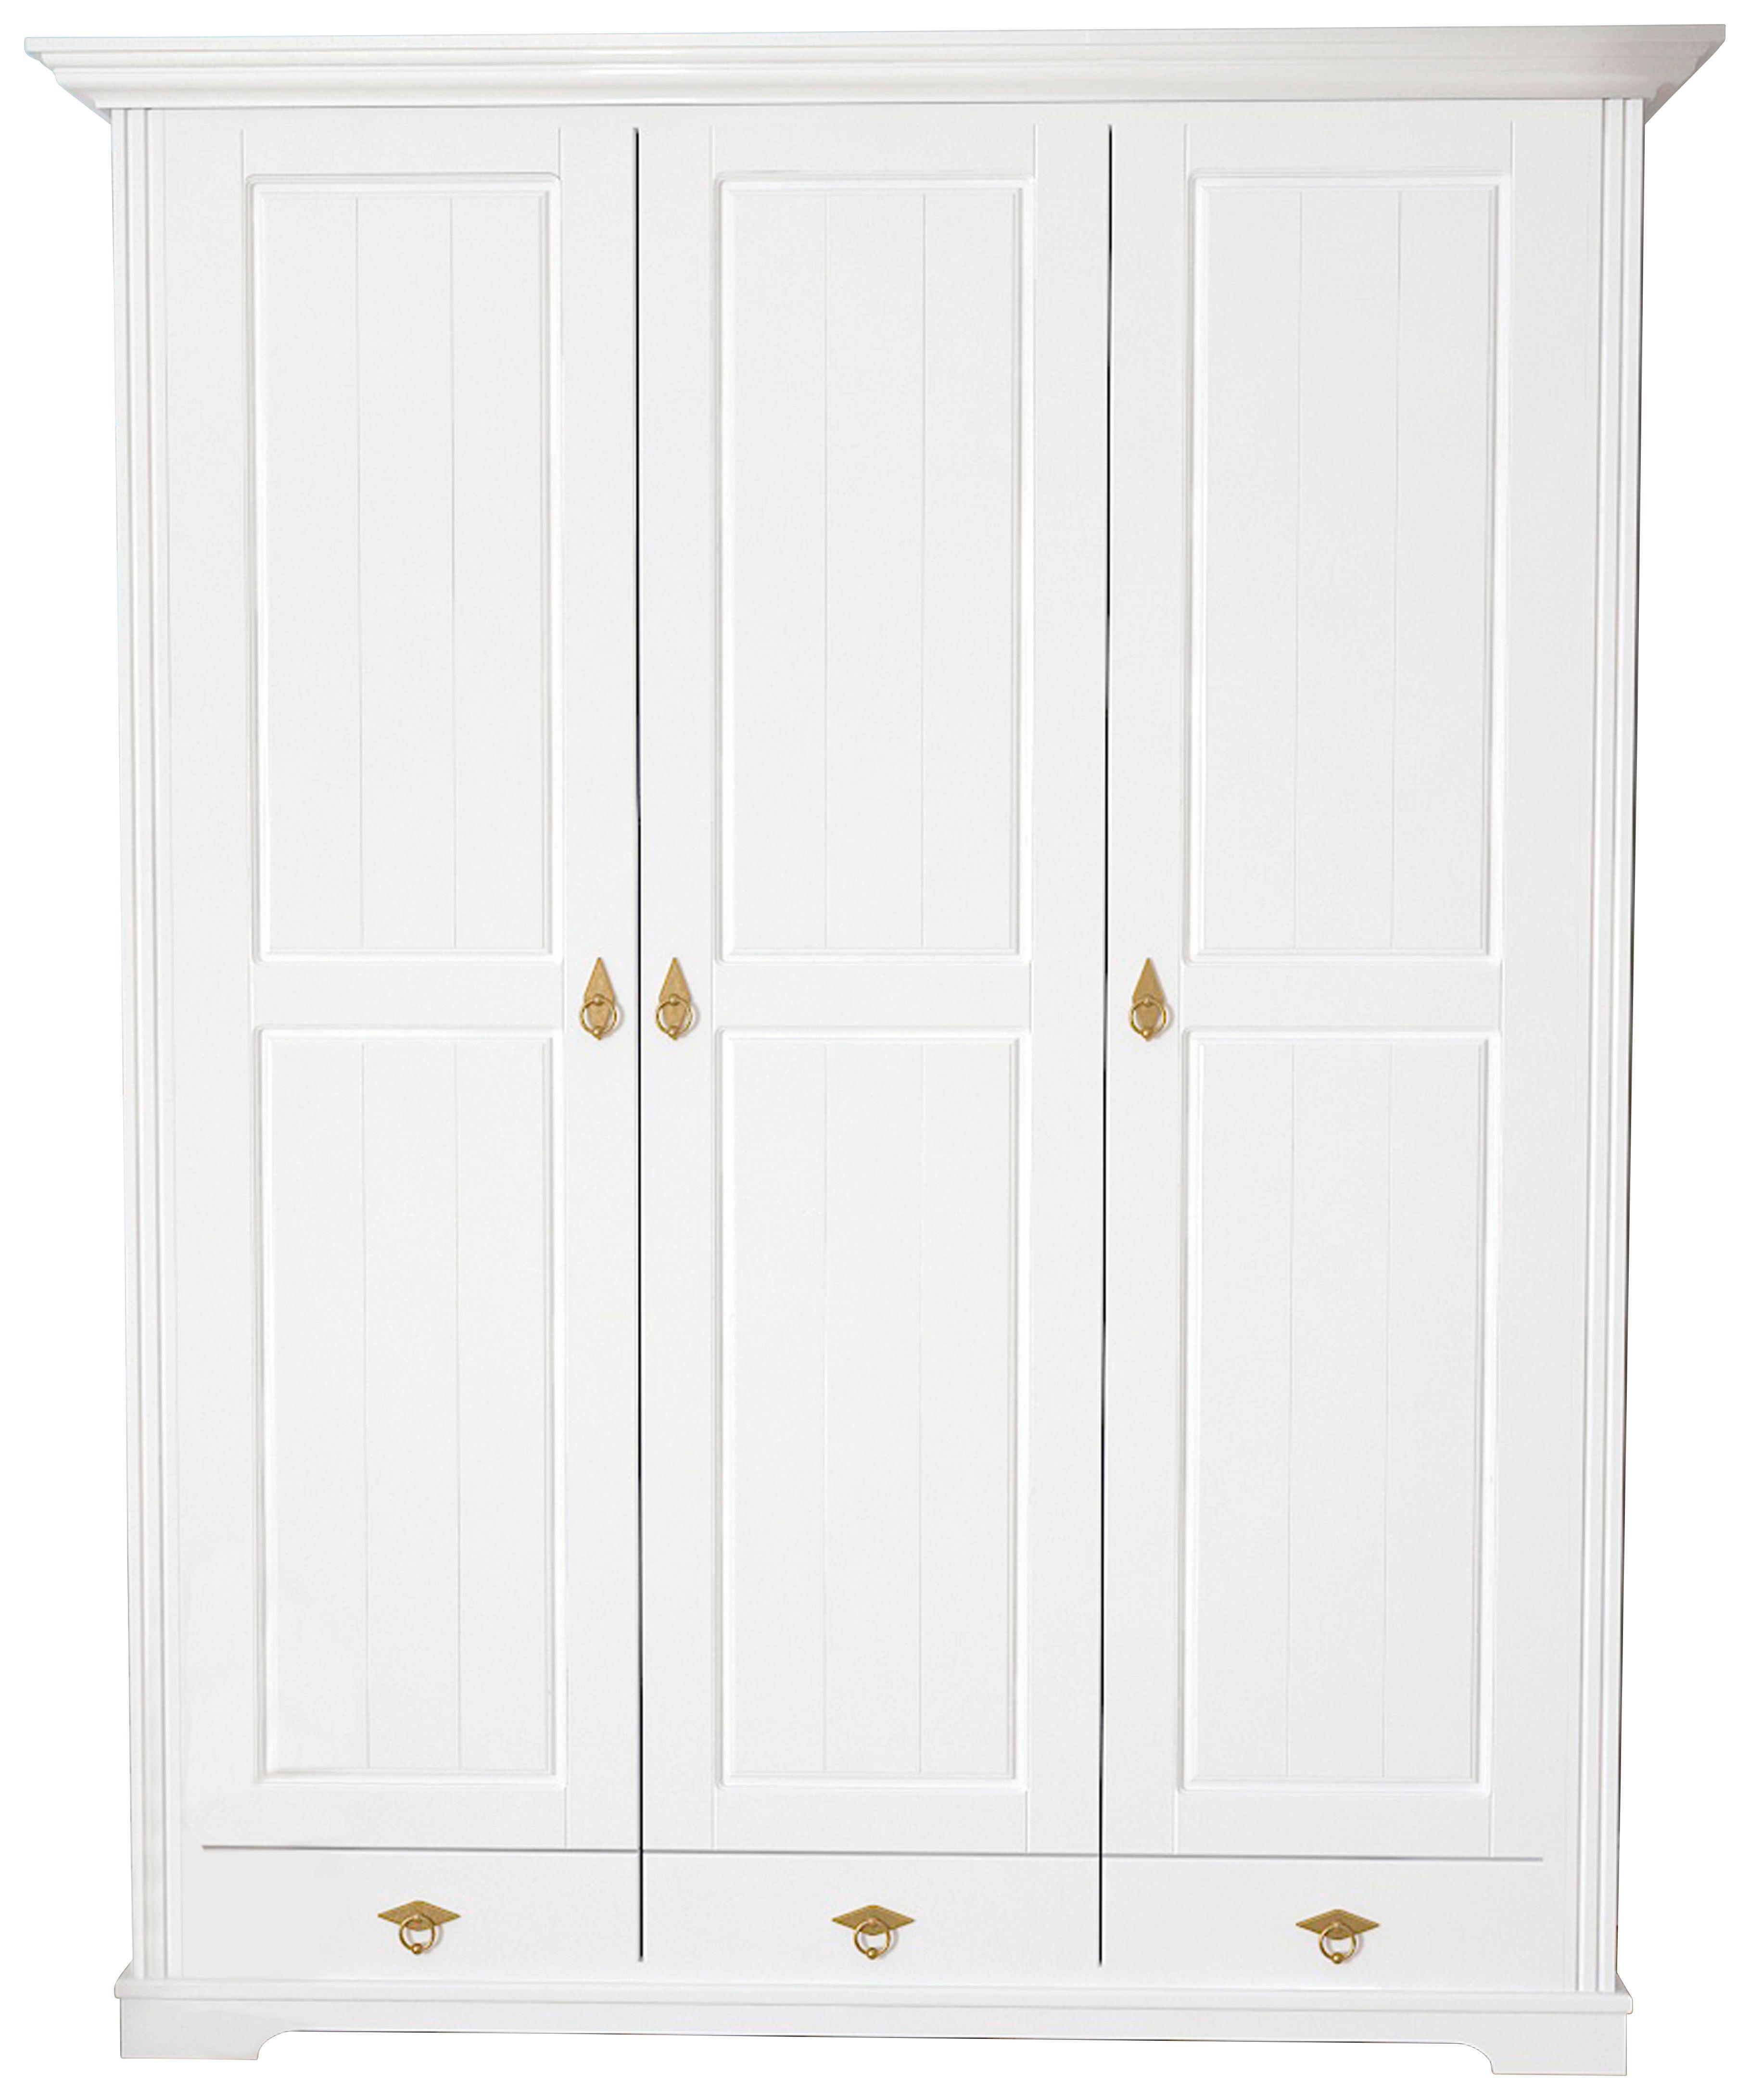 Attractive KLEIDERSCHRANK 3  Türig Kiefer Teilmassiv Weiß   Messingfarben/Weiß,  LIFESTYLE, Holz/ Home Design Ideas